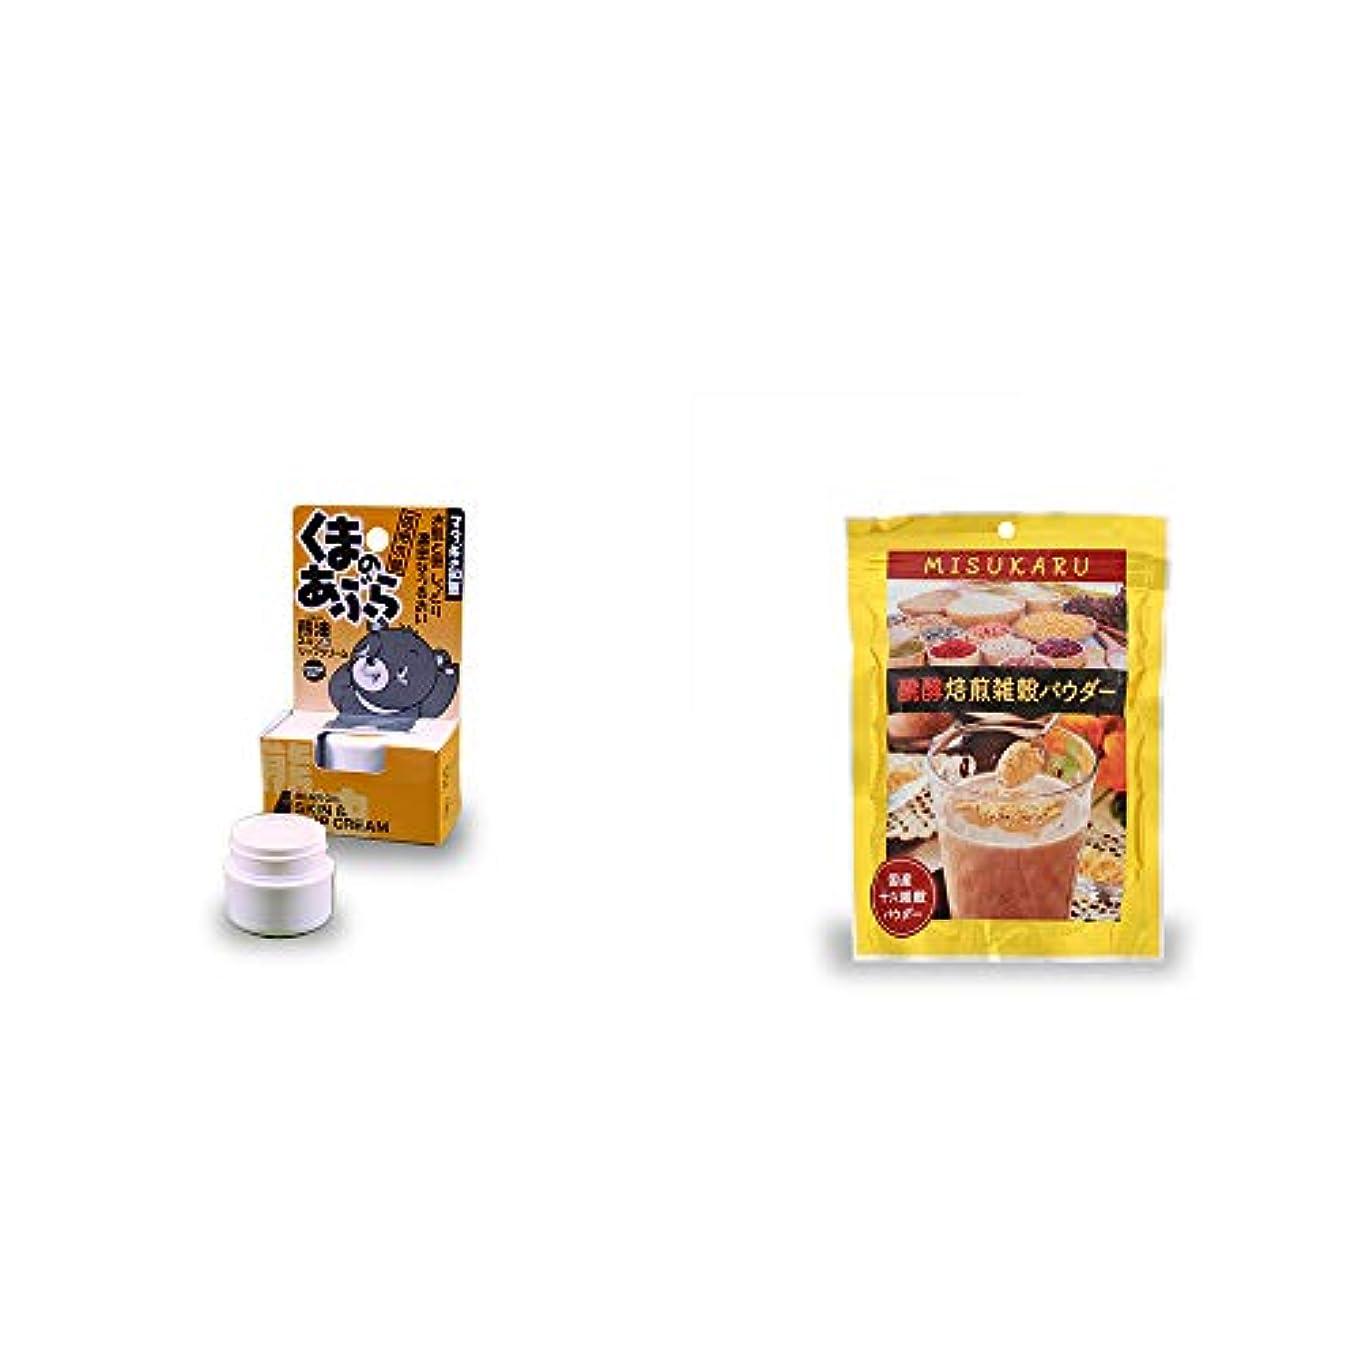 吹きさらし誰が回復[2点セット] 信州木曽 くまのあぶら 熊油スキン&リップクリーム(9g)?醗酵焙煎雑穀パウダー MISUKARU(ミスカル)(200g)